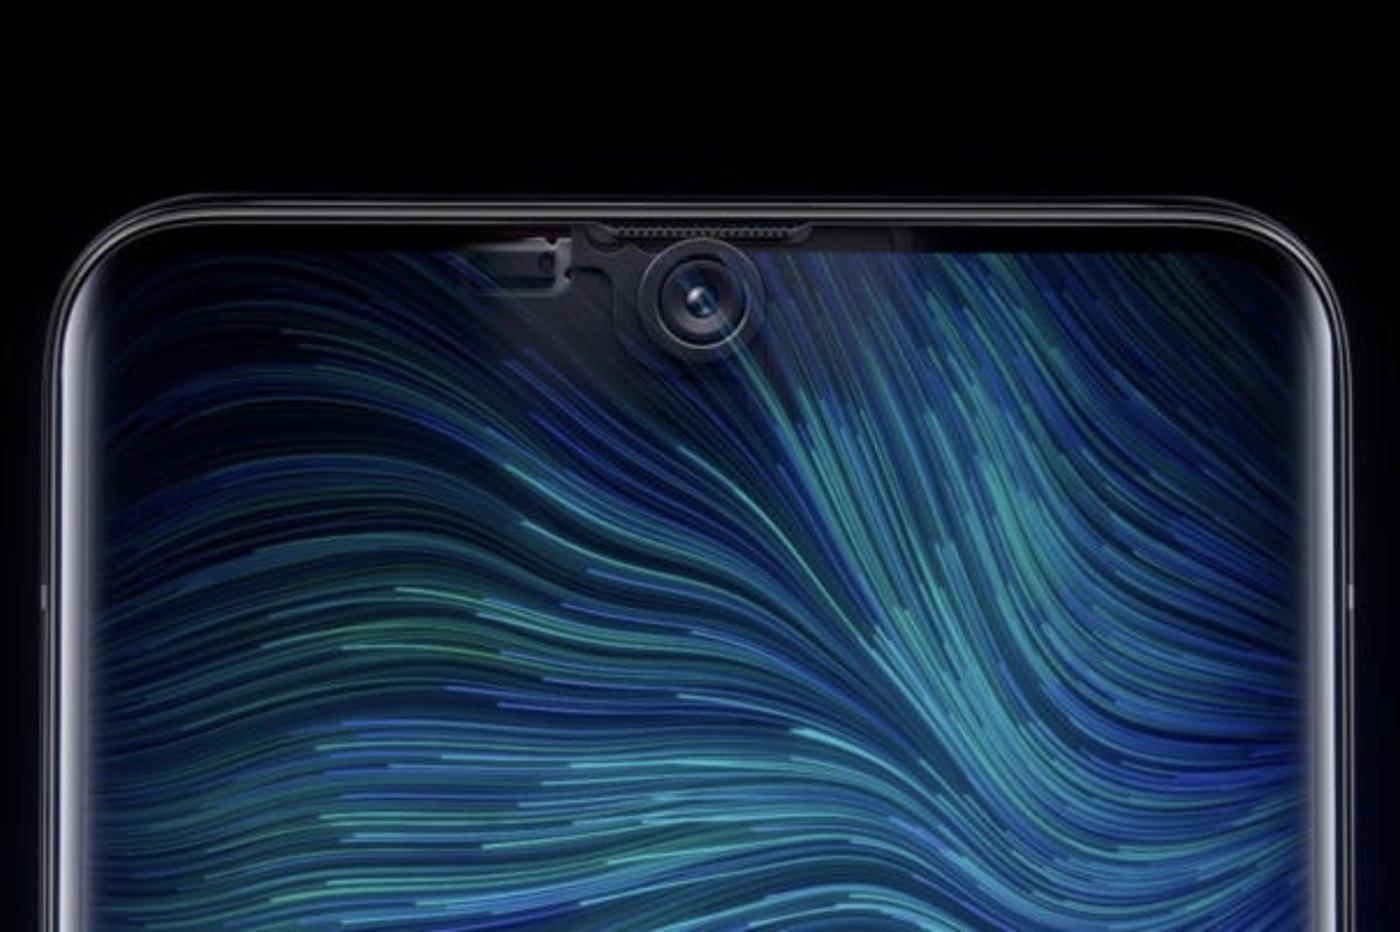 Oppo dévoile la première caméra sous l'écran d'un smartphone 1